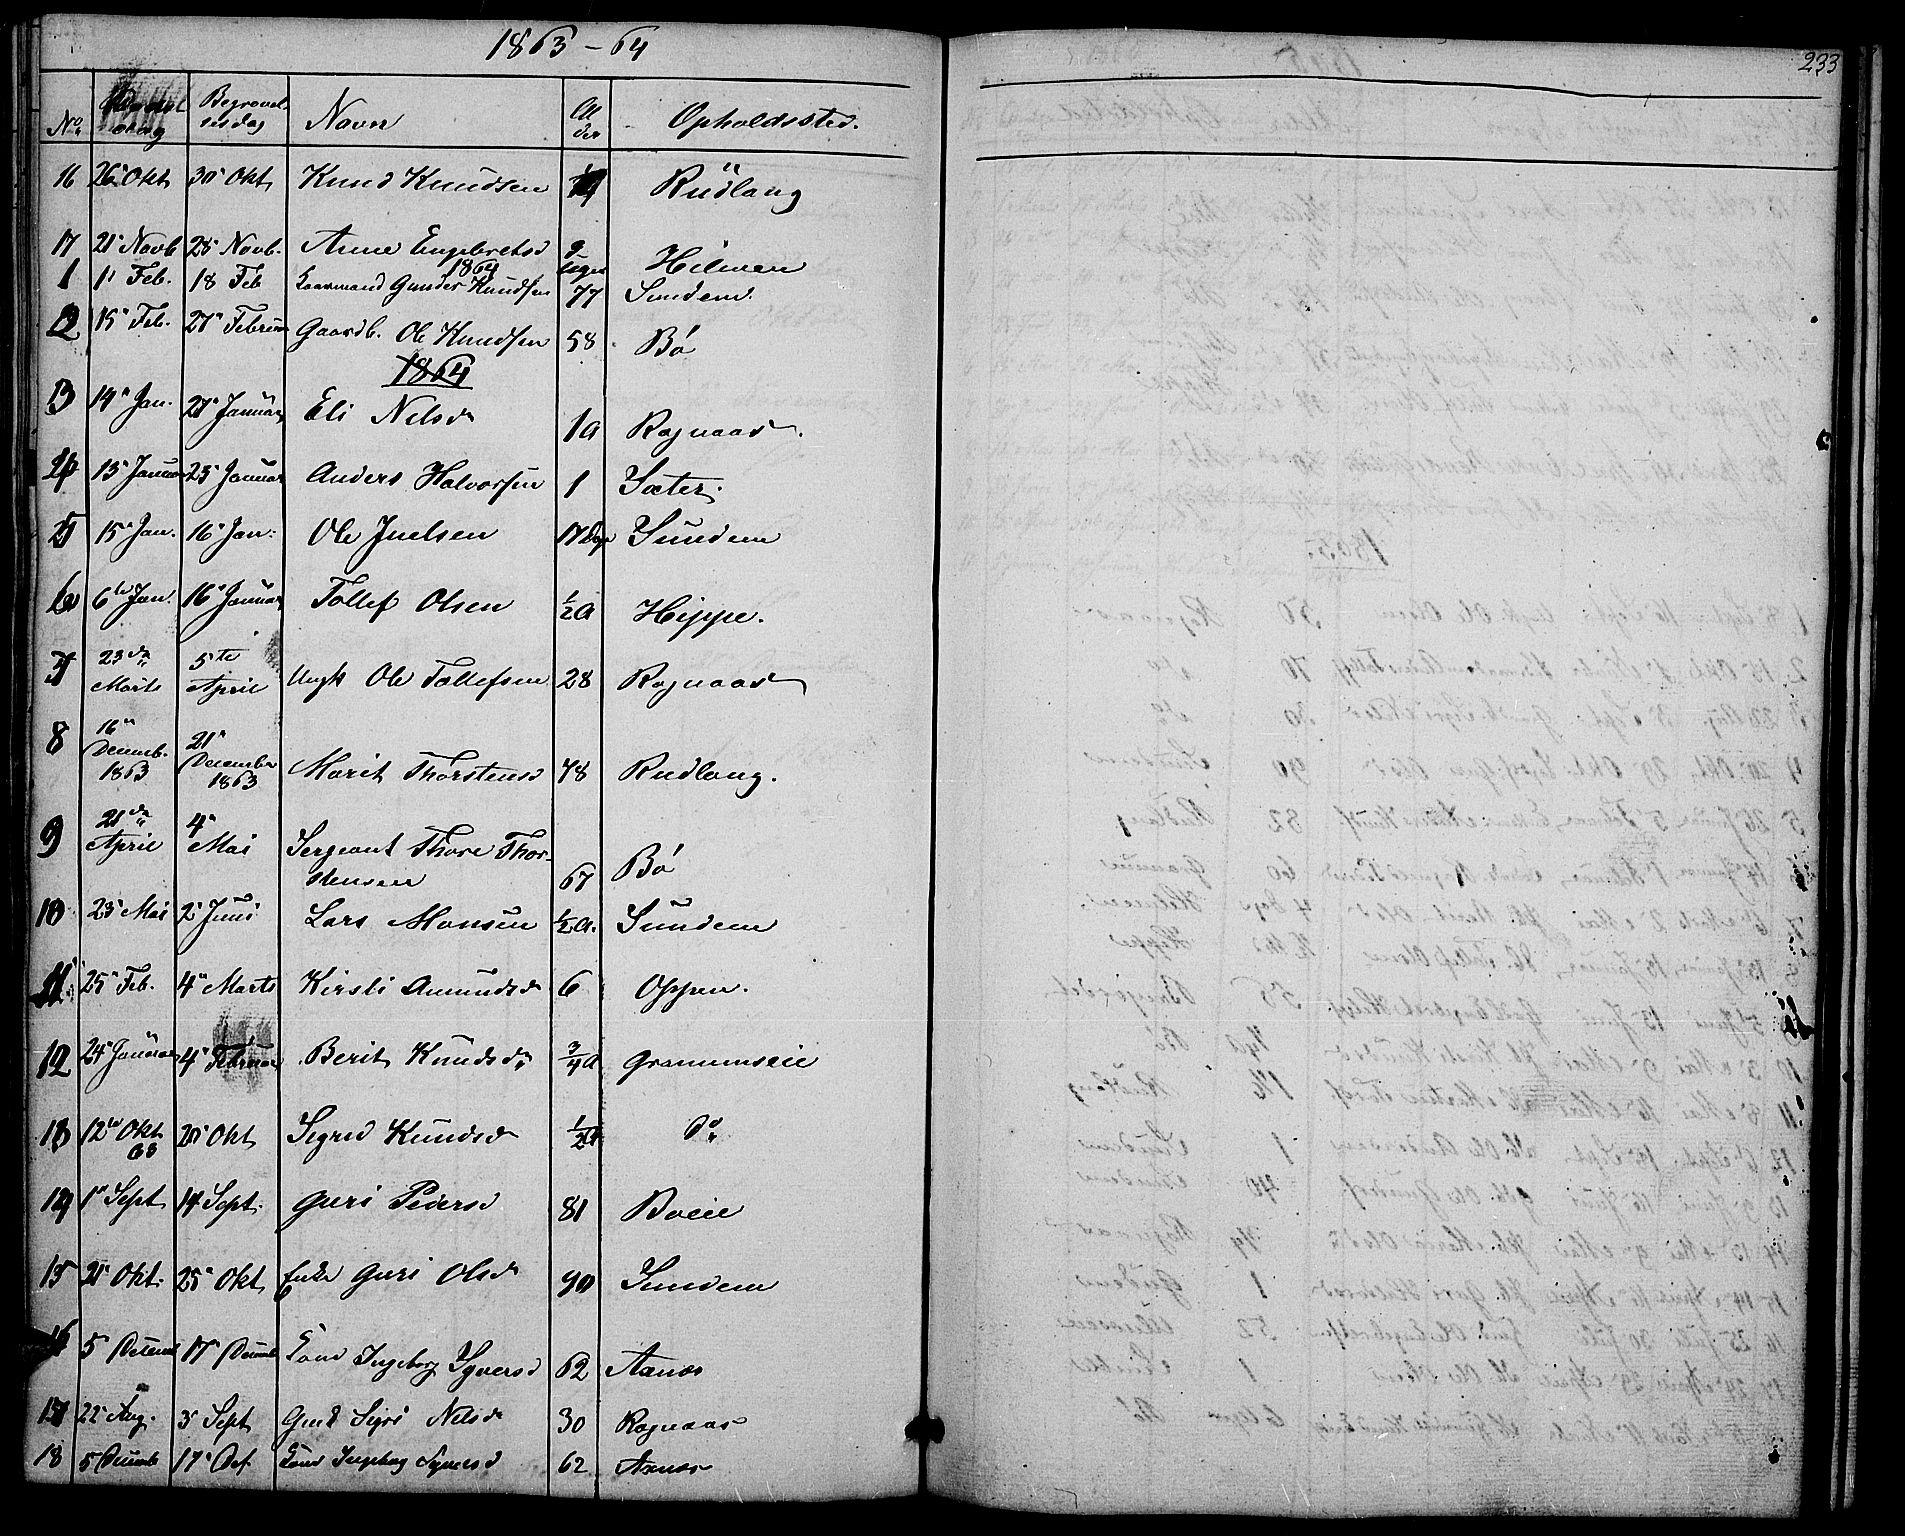 SAH, Nord-Aurdal prestekontor, Klokkerbok nr. 4, 1842-1882, s. 233